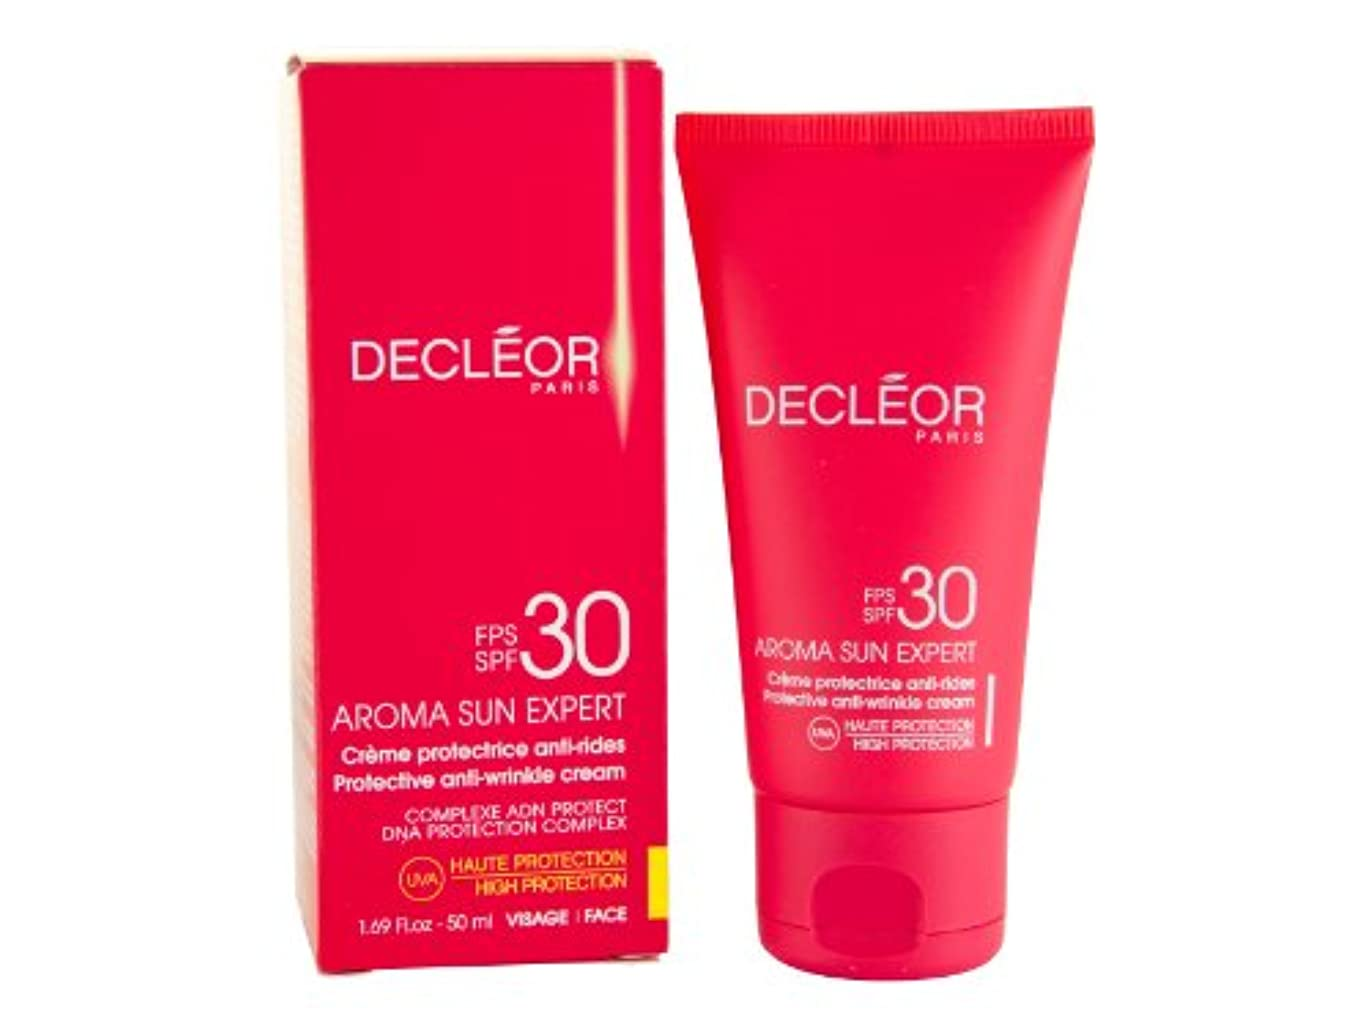 うがい薬敬礼影響力のあるデクレオール(DECLEOR) プロテクティブ サンクリーム 50g(日焼け止めクリーム)SPF30